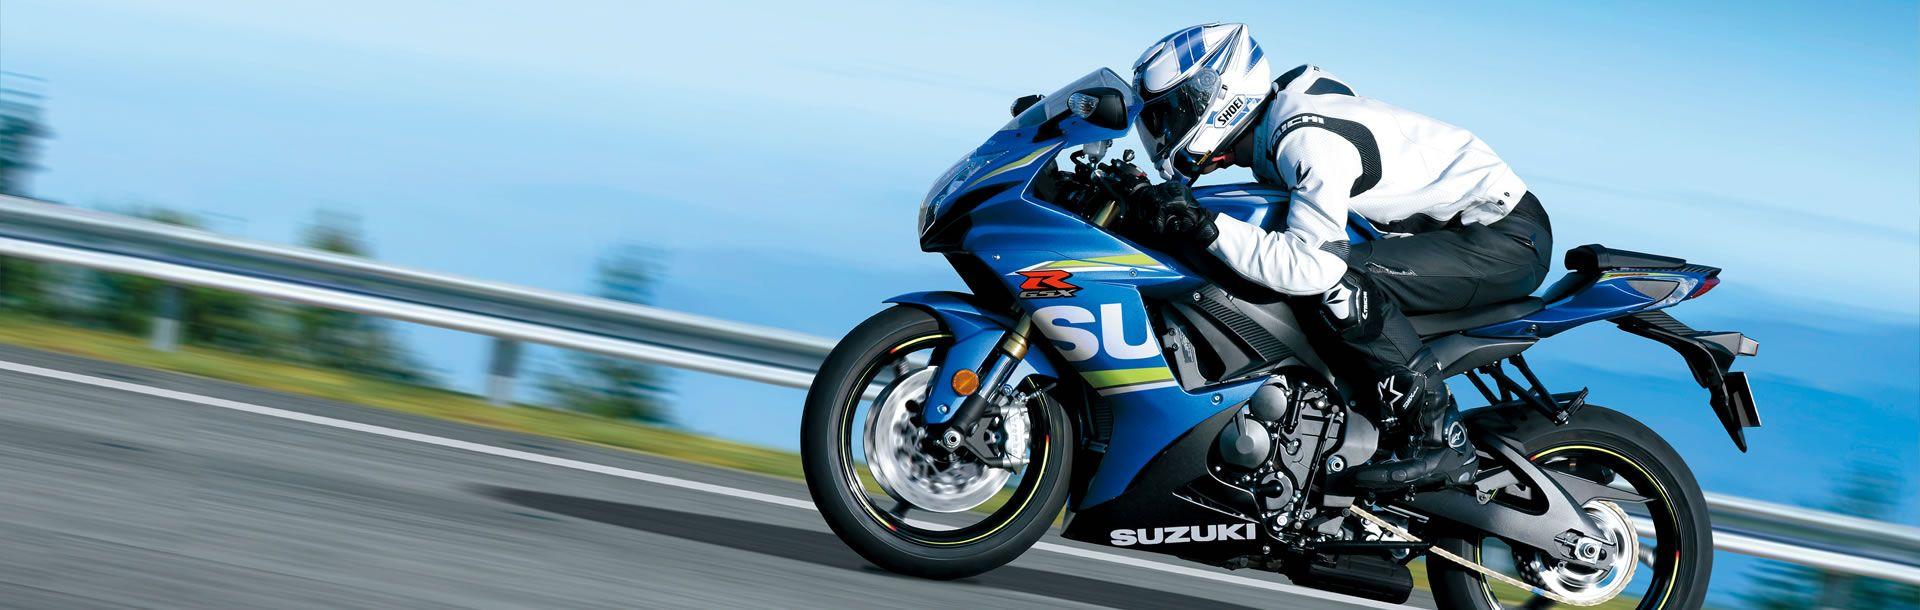 Suzuki Gsx Rse